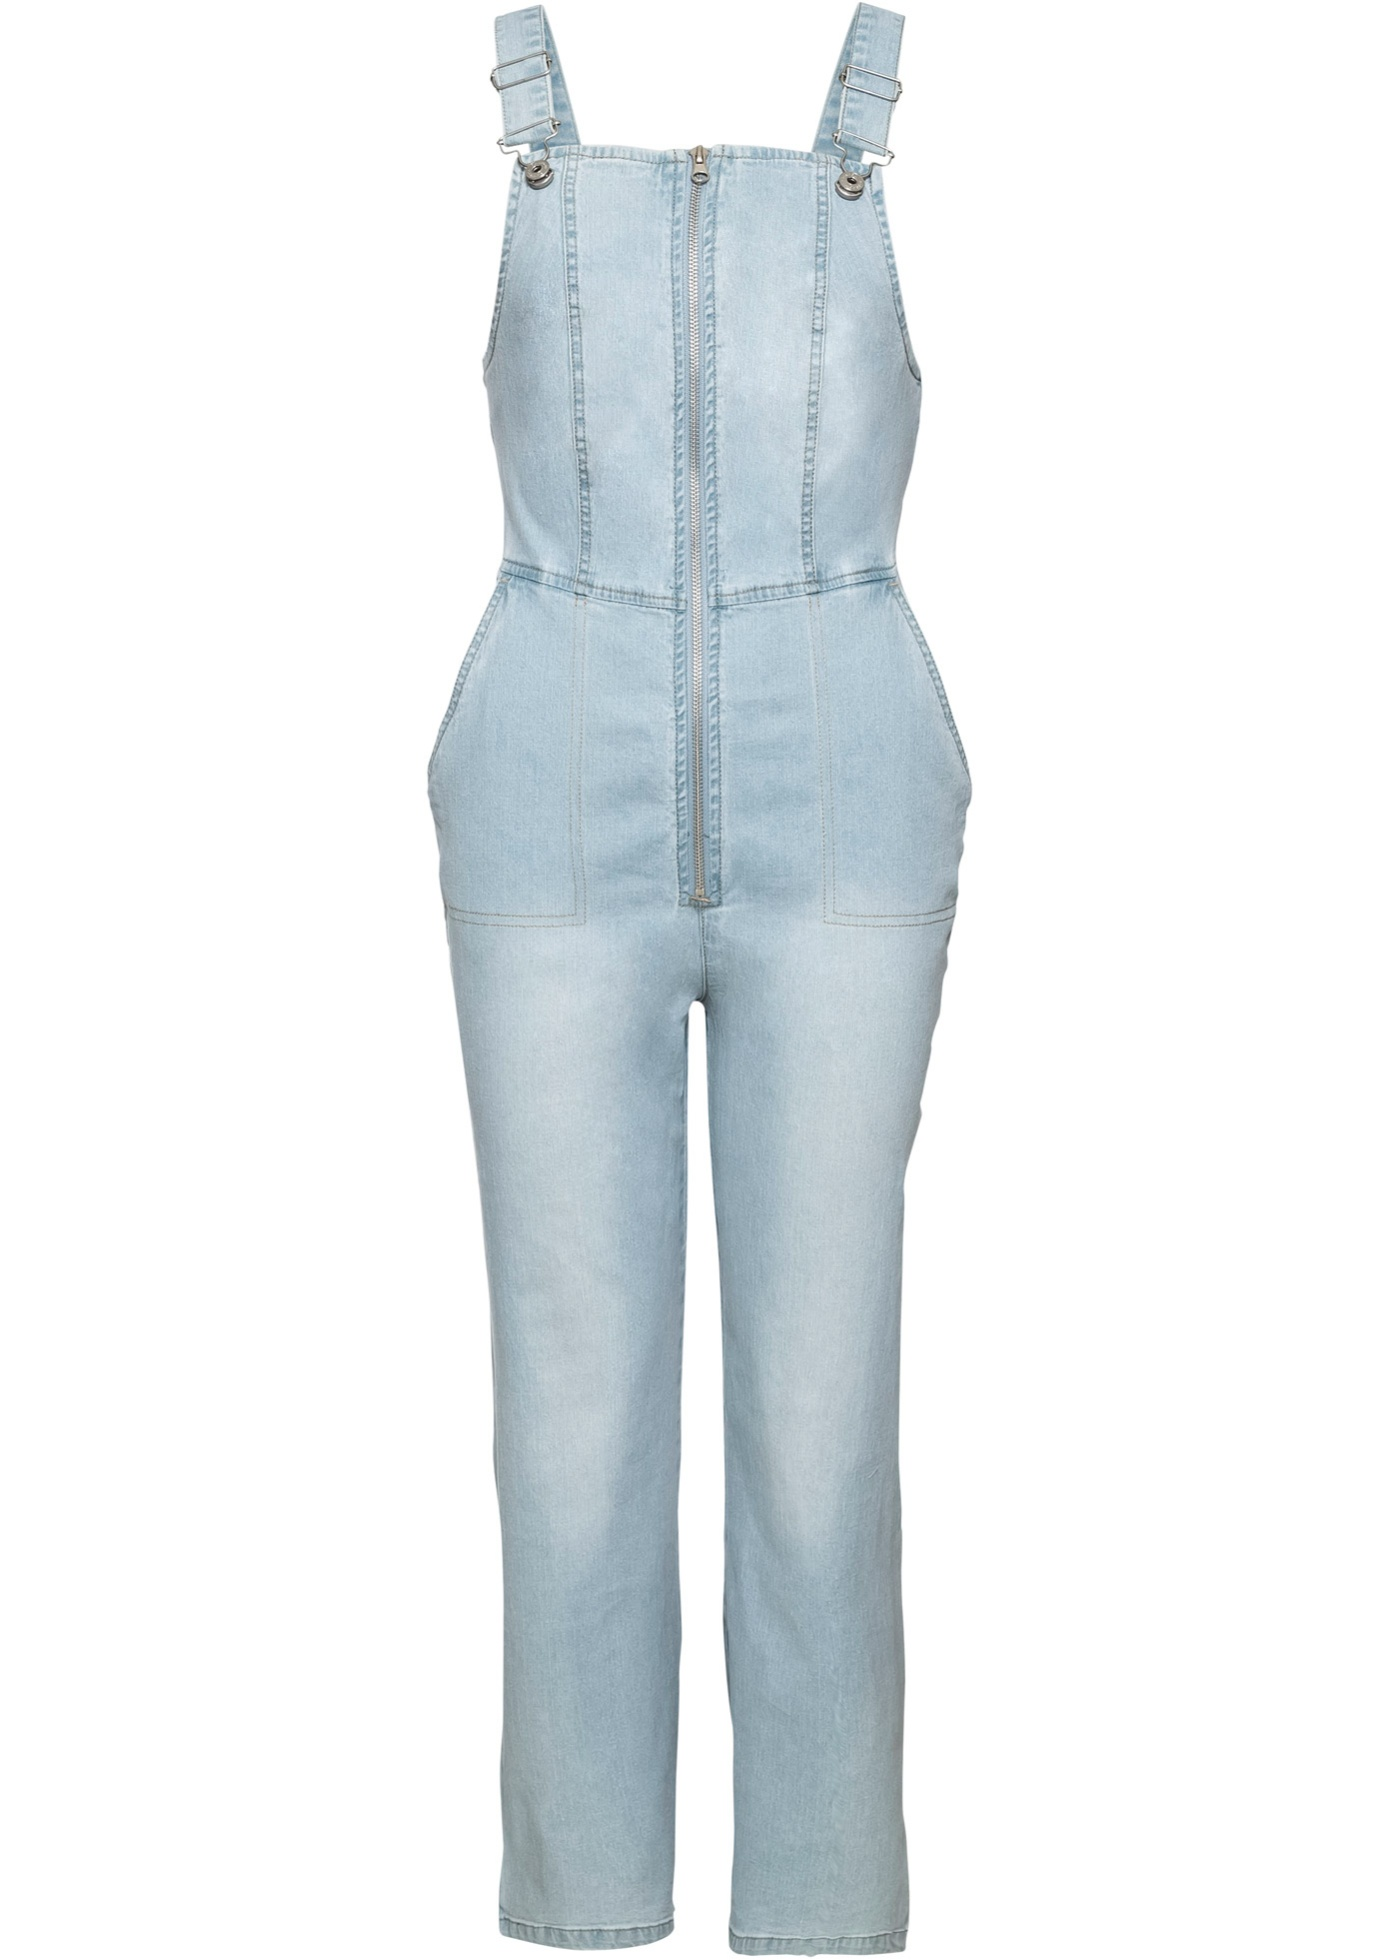 Jeans-Jumpsuit mit Reißverschluss ohne Ärmel  in blau für Damen von bonprix